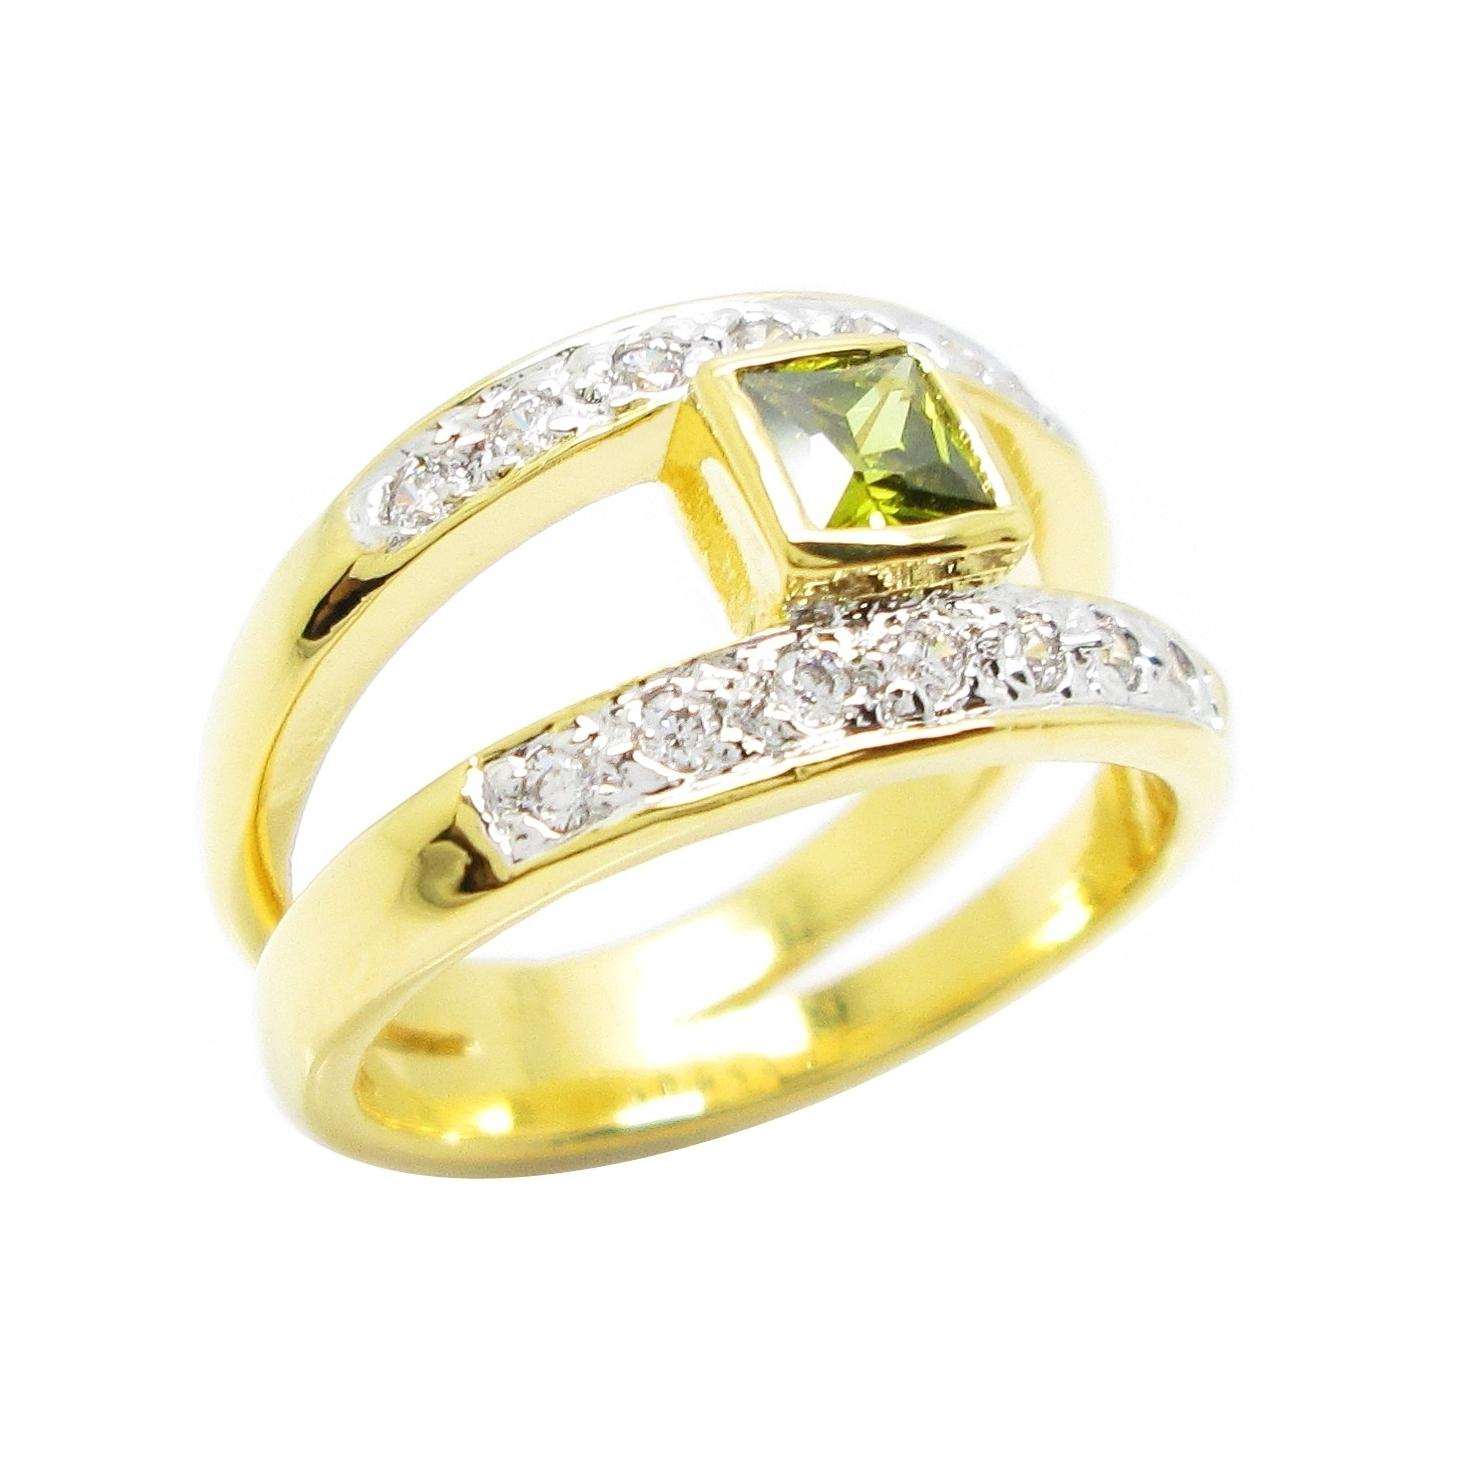 แหวนพลอยสีเขียวส่องประดับเพชรจิกไข่ปลาแถวคู่ชุบทอง